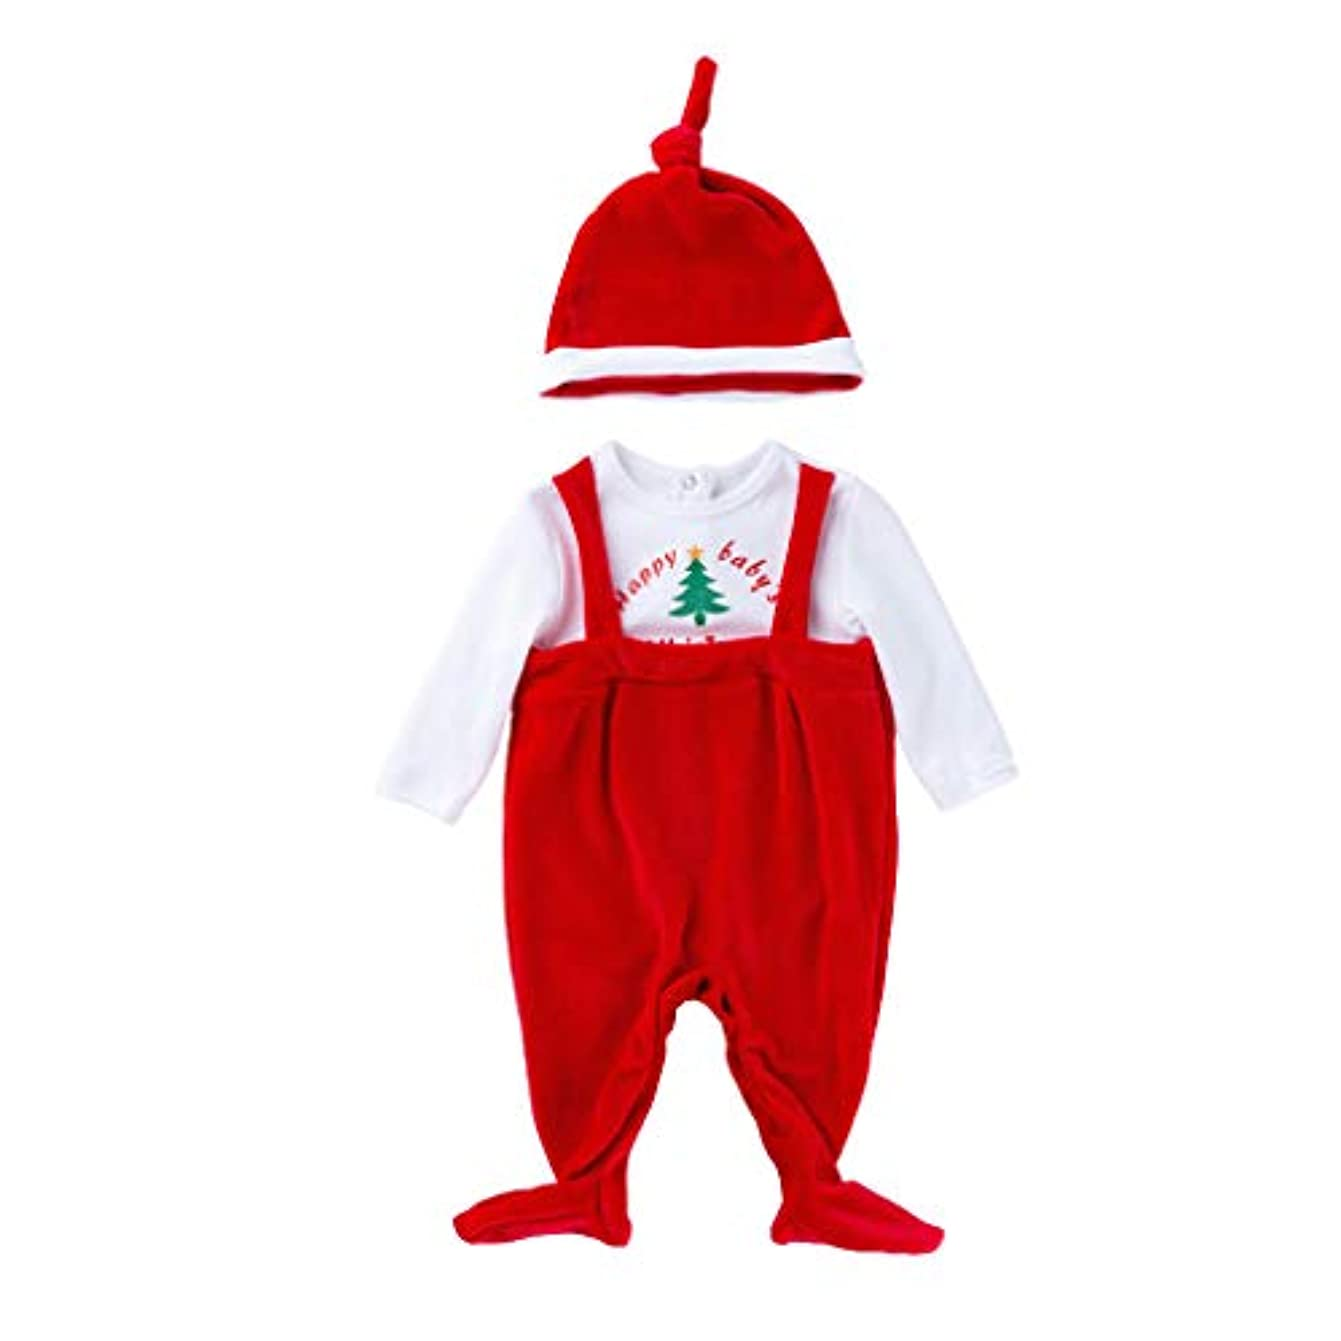 免疫急襲過度のMISFIY クリスマスコスチューム 赤ちゃん ベビー 女の子 男の子 肌着 パジャマ カジュアル かわいい 柔らかい お出かけ 出産祝い こどもの日 三五七 クリスマス プレゼント